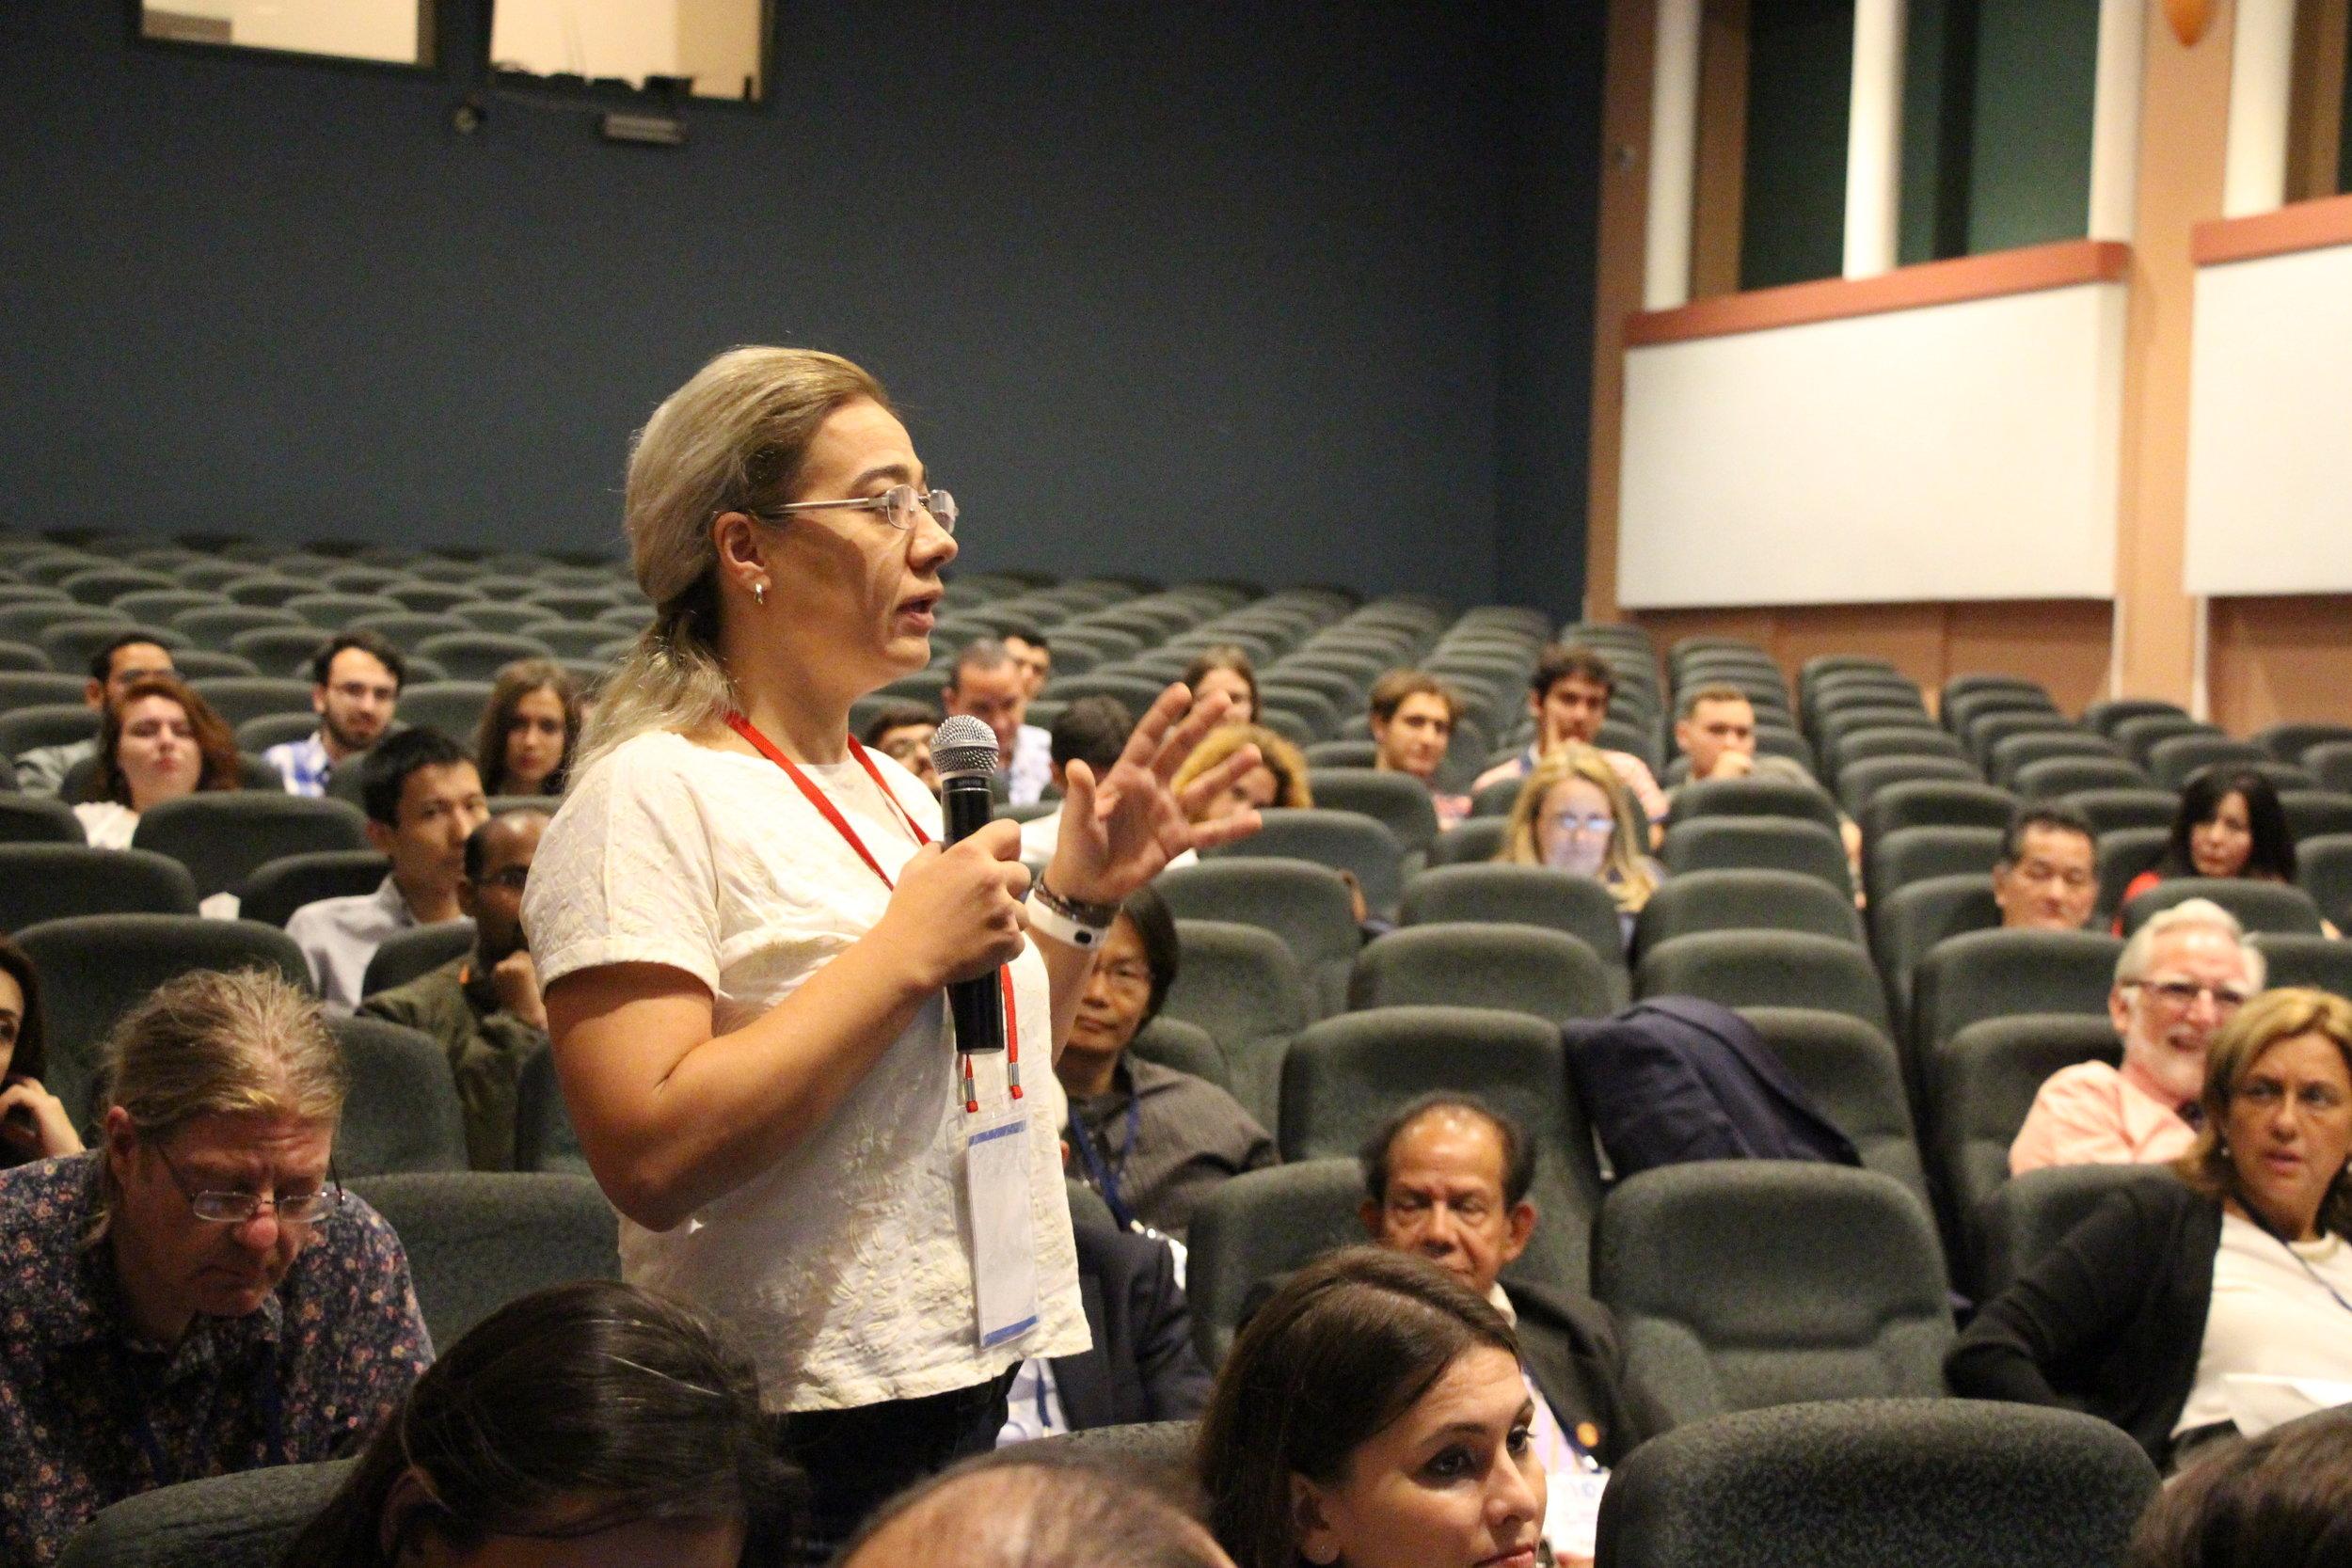 Ege Üniversitesi'nde ISPTID Kongresi Başladı-Soru soran dinleyici.JPG